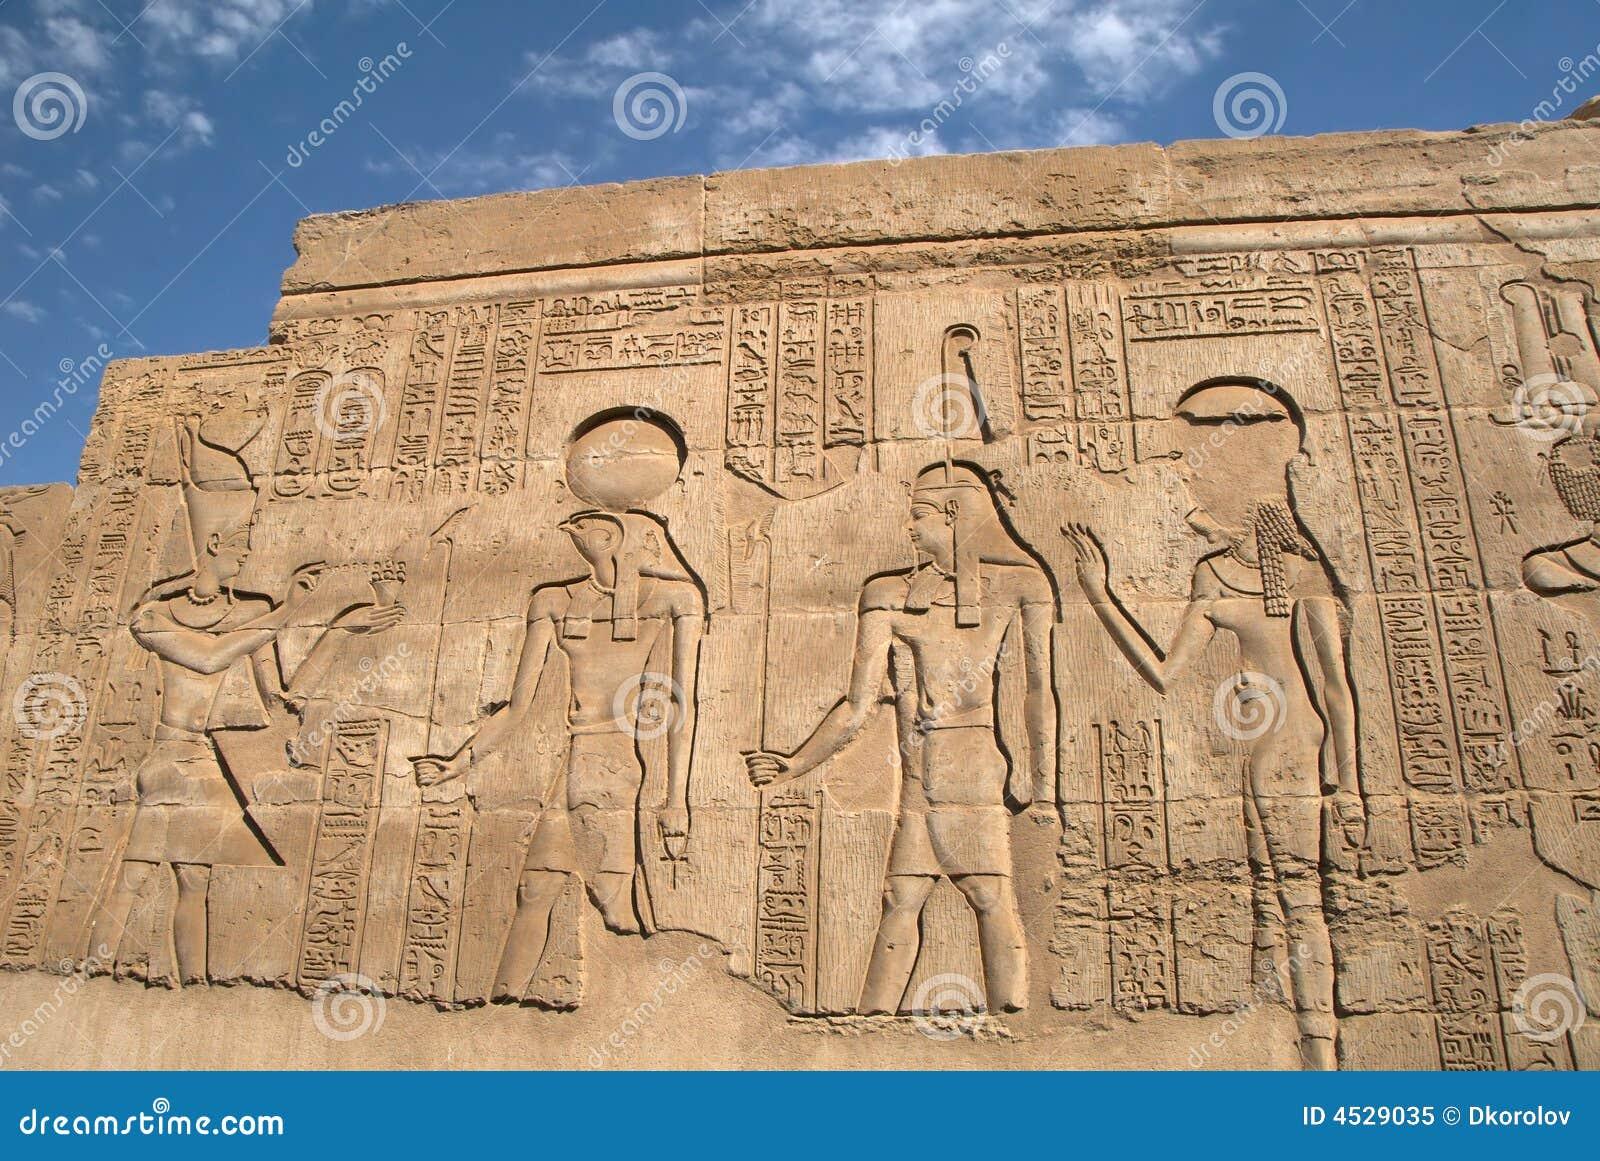 bas relief gyptien antique sur le mur photo libre de. Black Bedroom Furniture Sets. Home Design Ideas